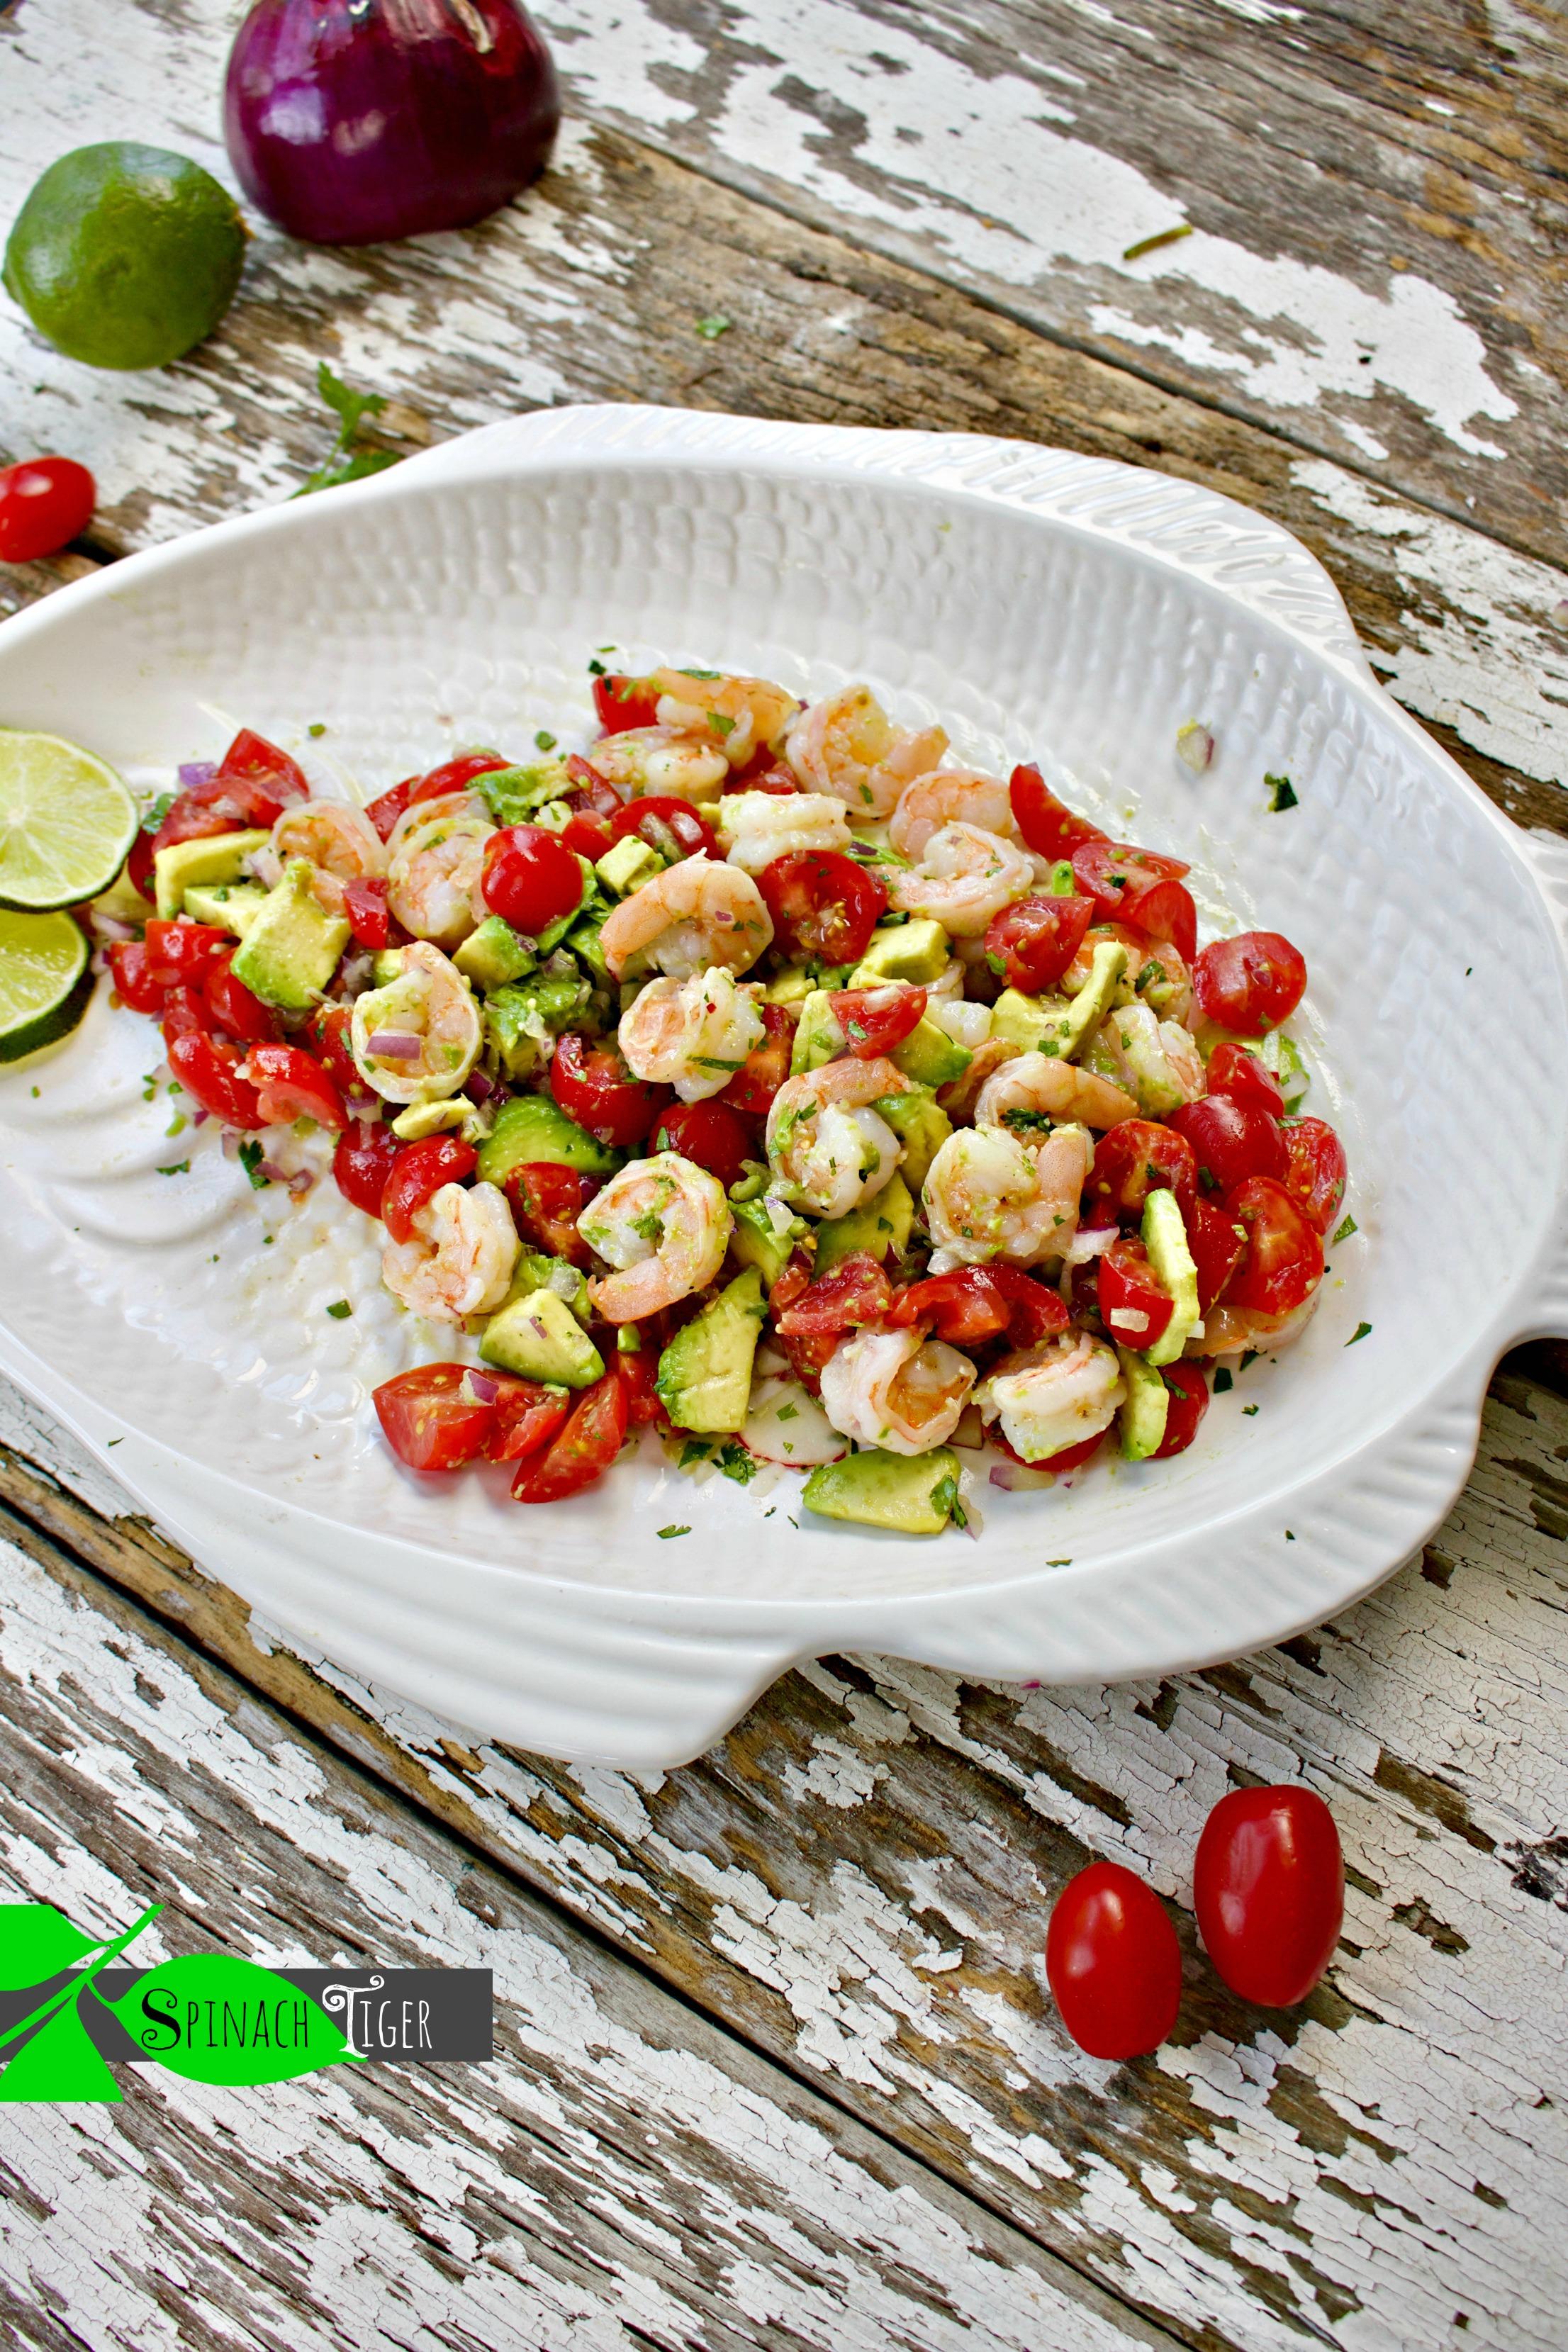 Low Carb Dinner Recipes : Shrimp with Avocado